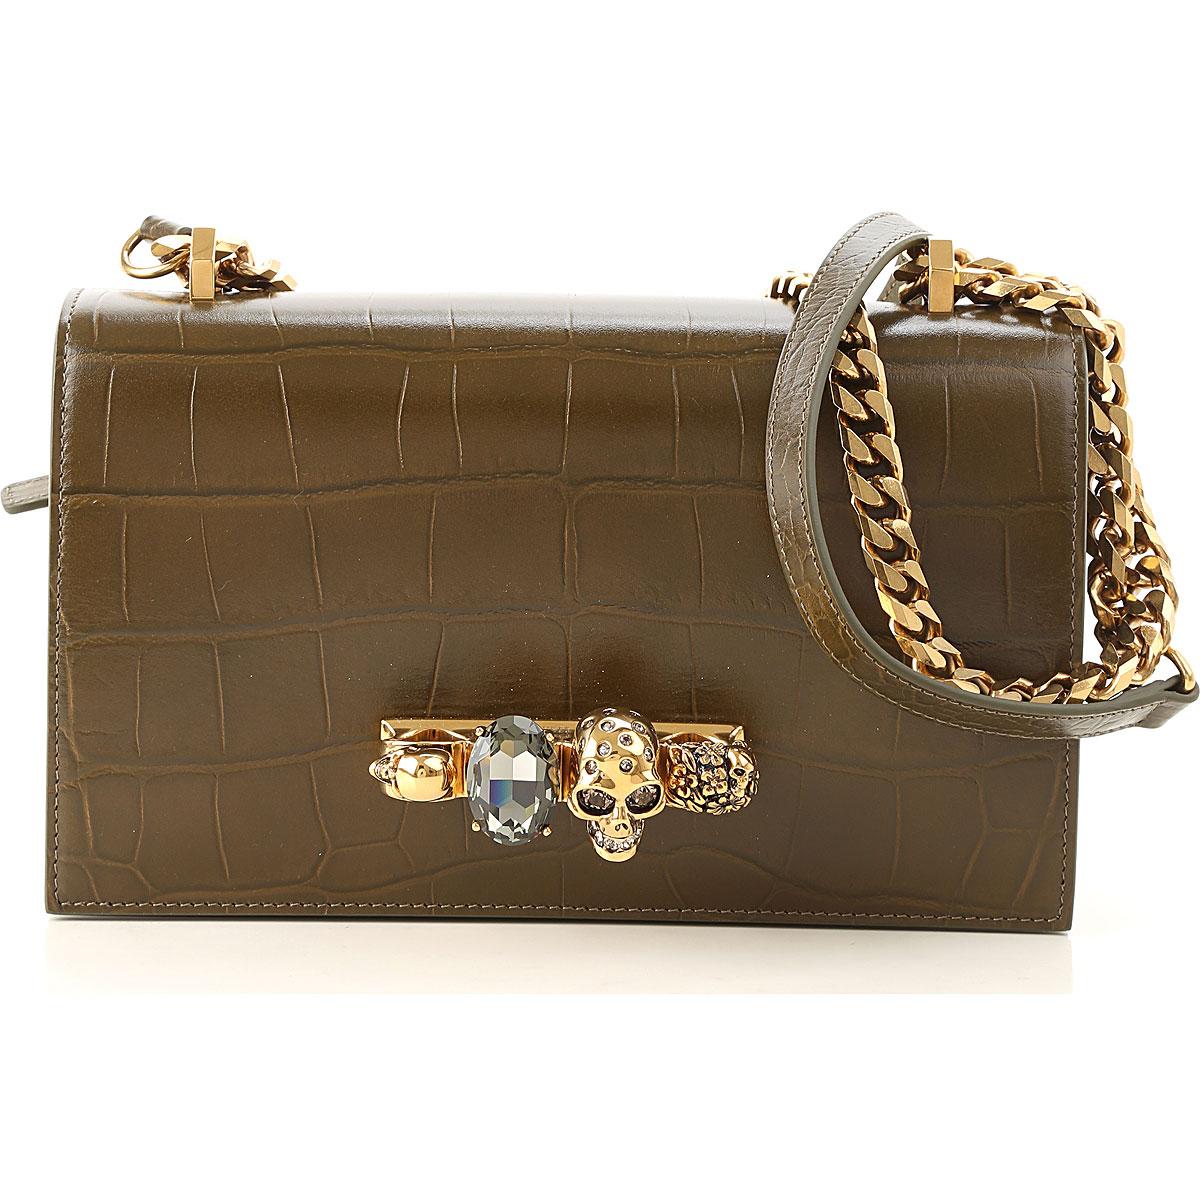 Image of Alexander McQueen Shoulder Bag for Women, Olive, Leather, 2017